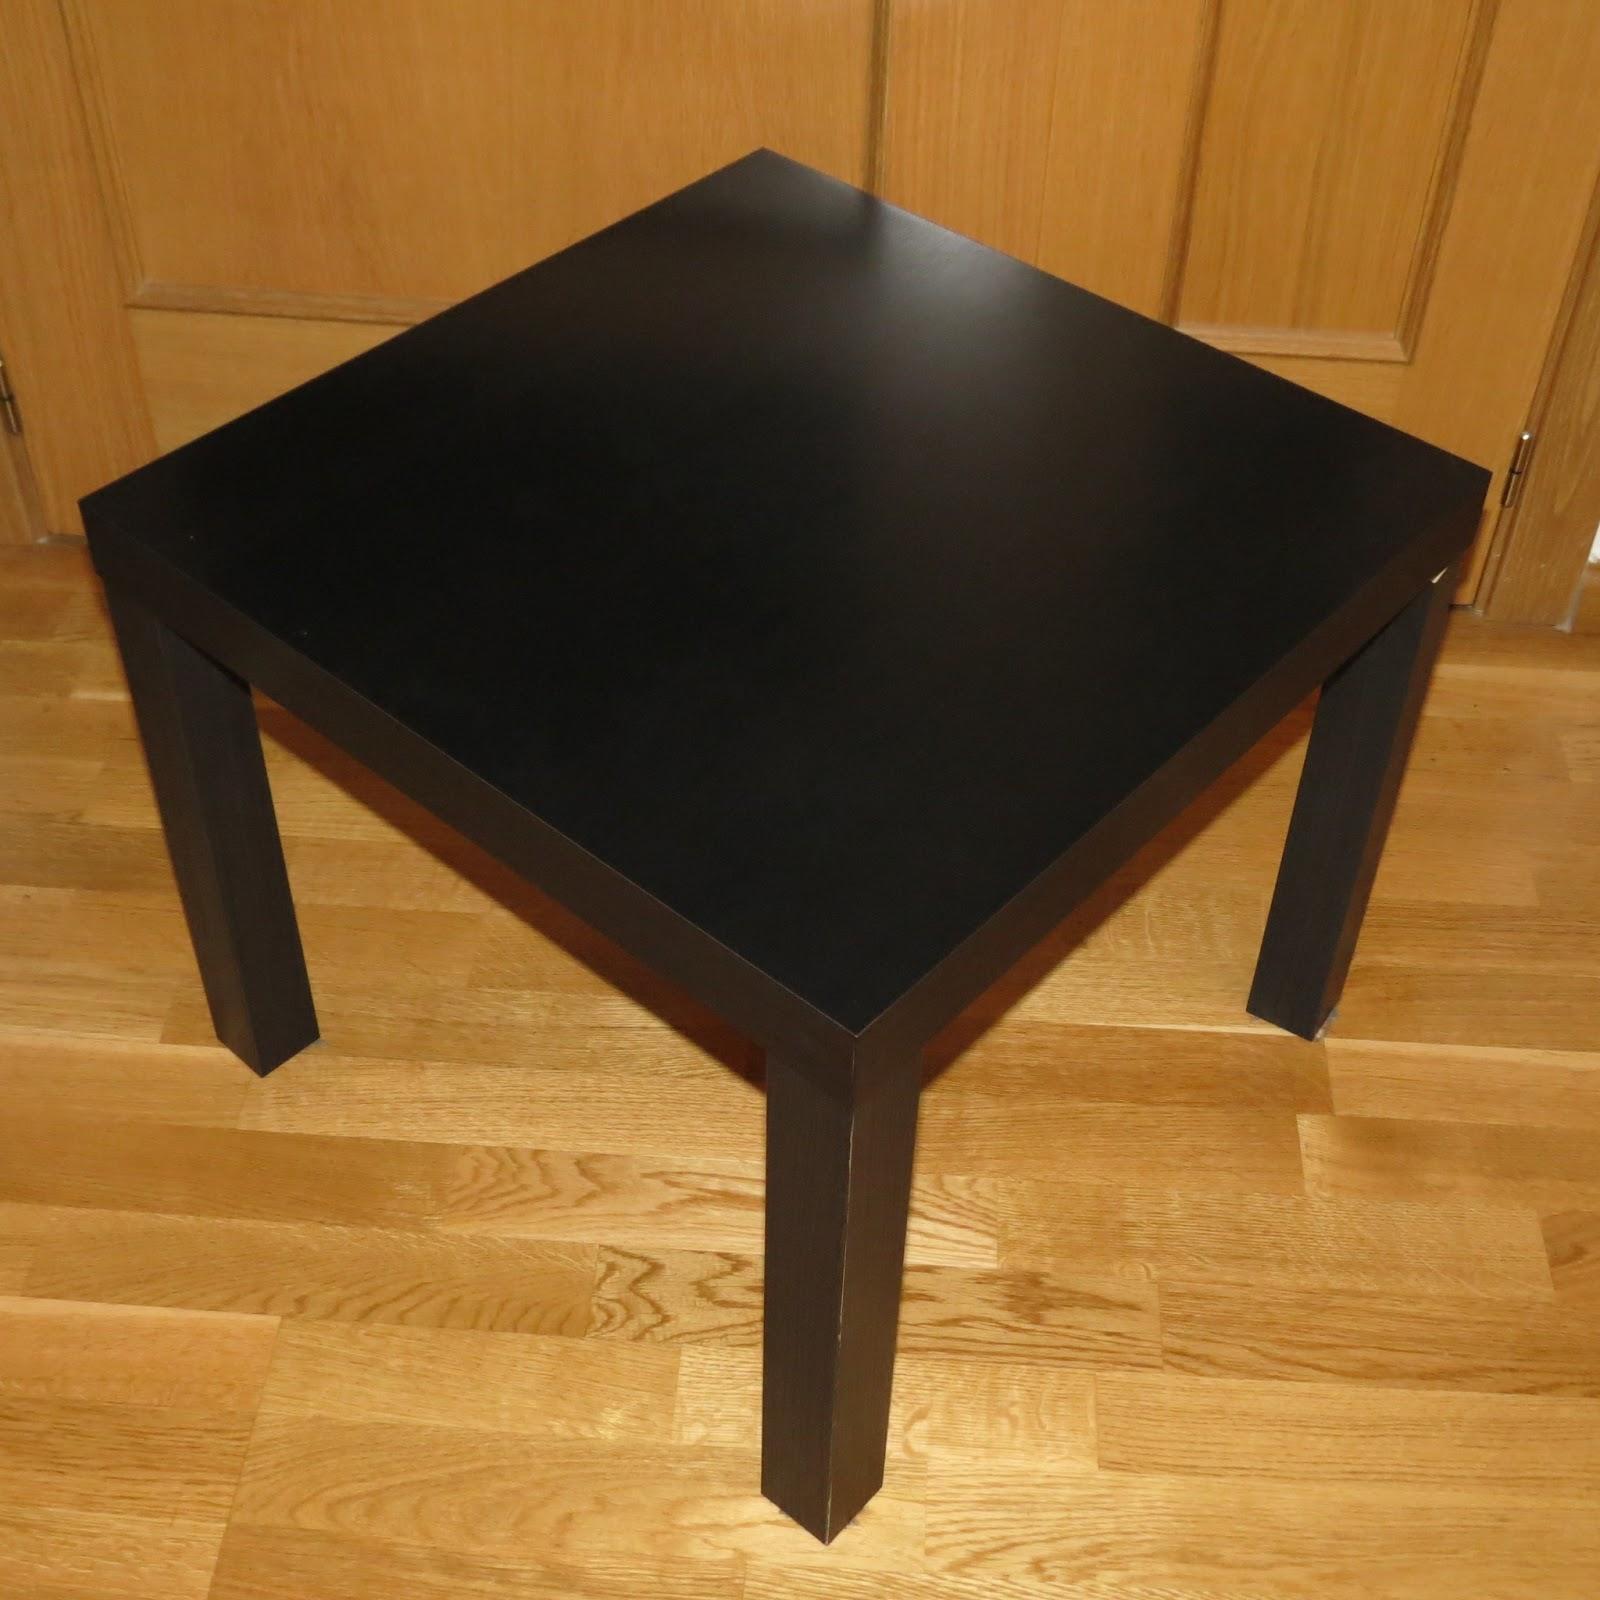 VENDEMOS NUESTRAS COSAS: Mesa auxiliar IKEA Lack Negra 5 - photo#43